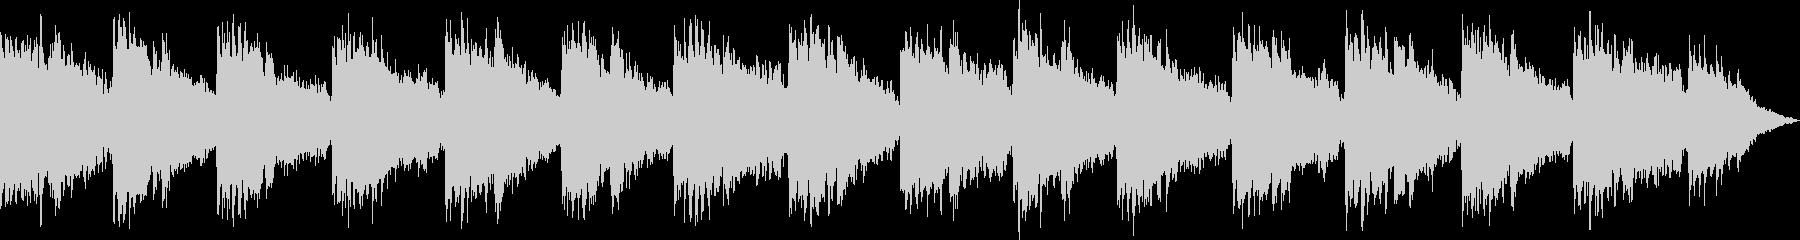 ファンタジーRPGで使えるBGMの未再生の波形